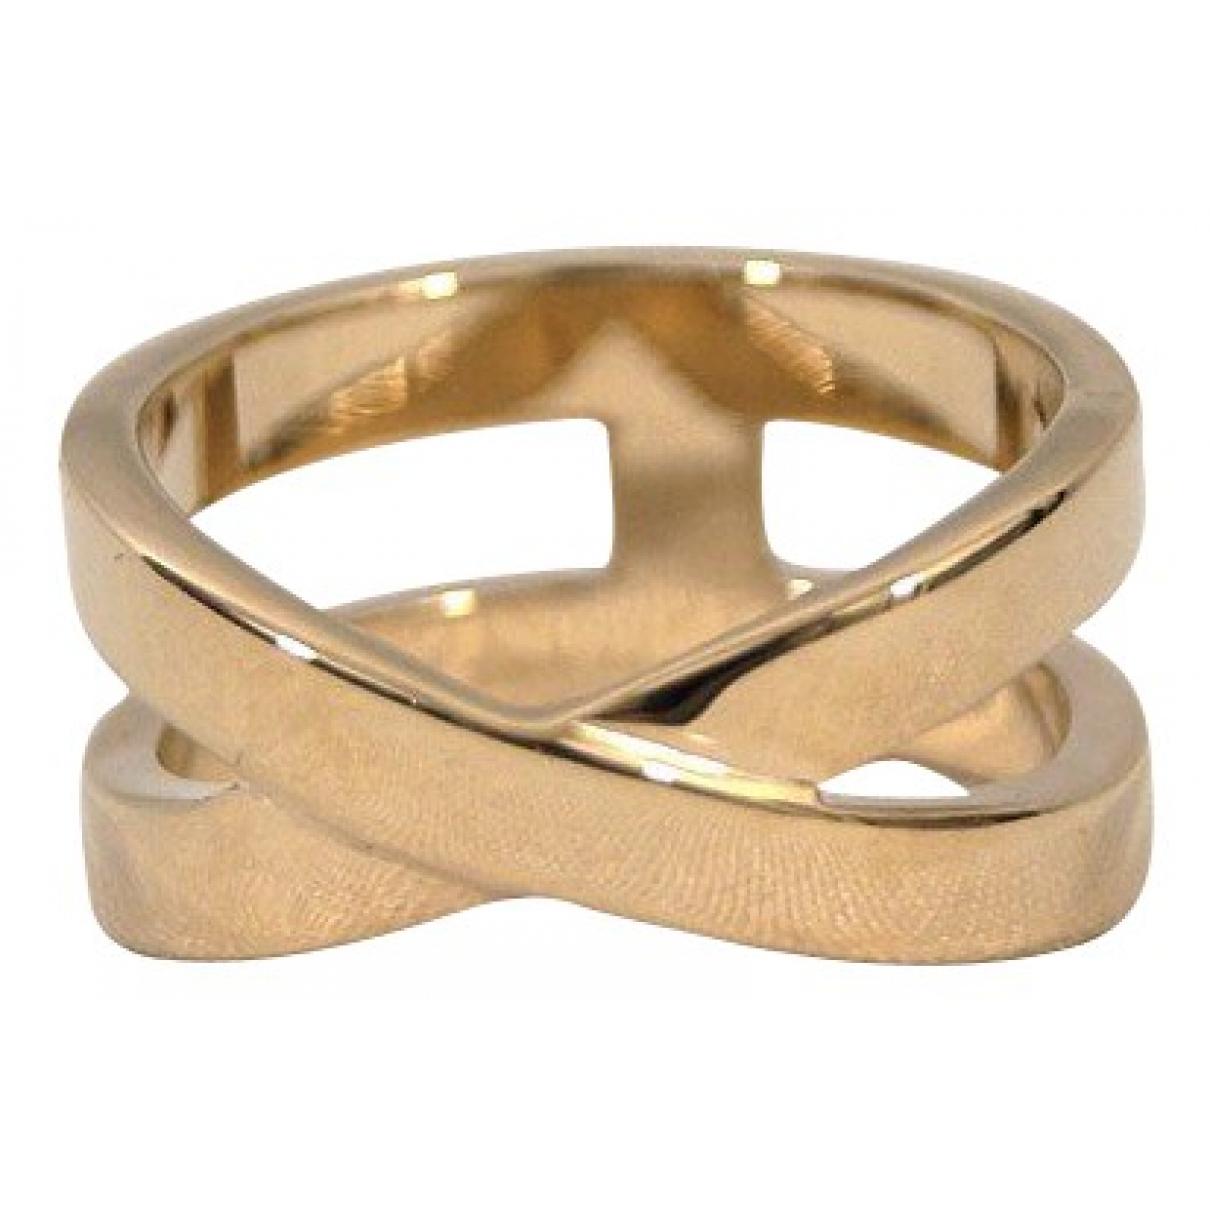 Hermes \N Ring in  Gelb Gelbgold